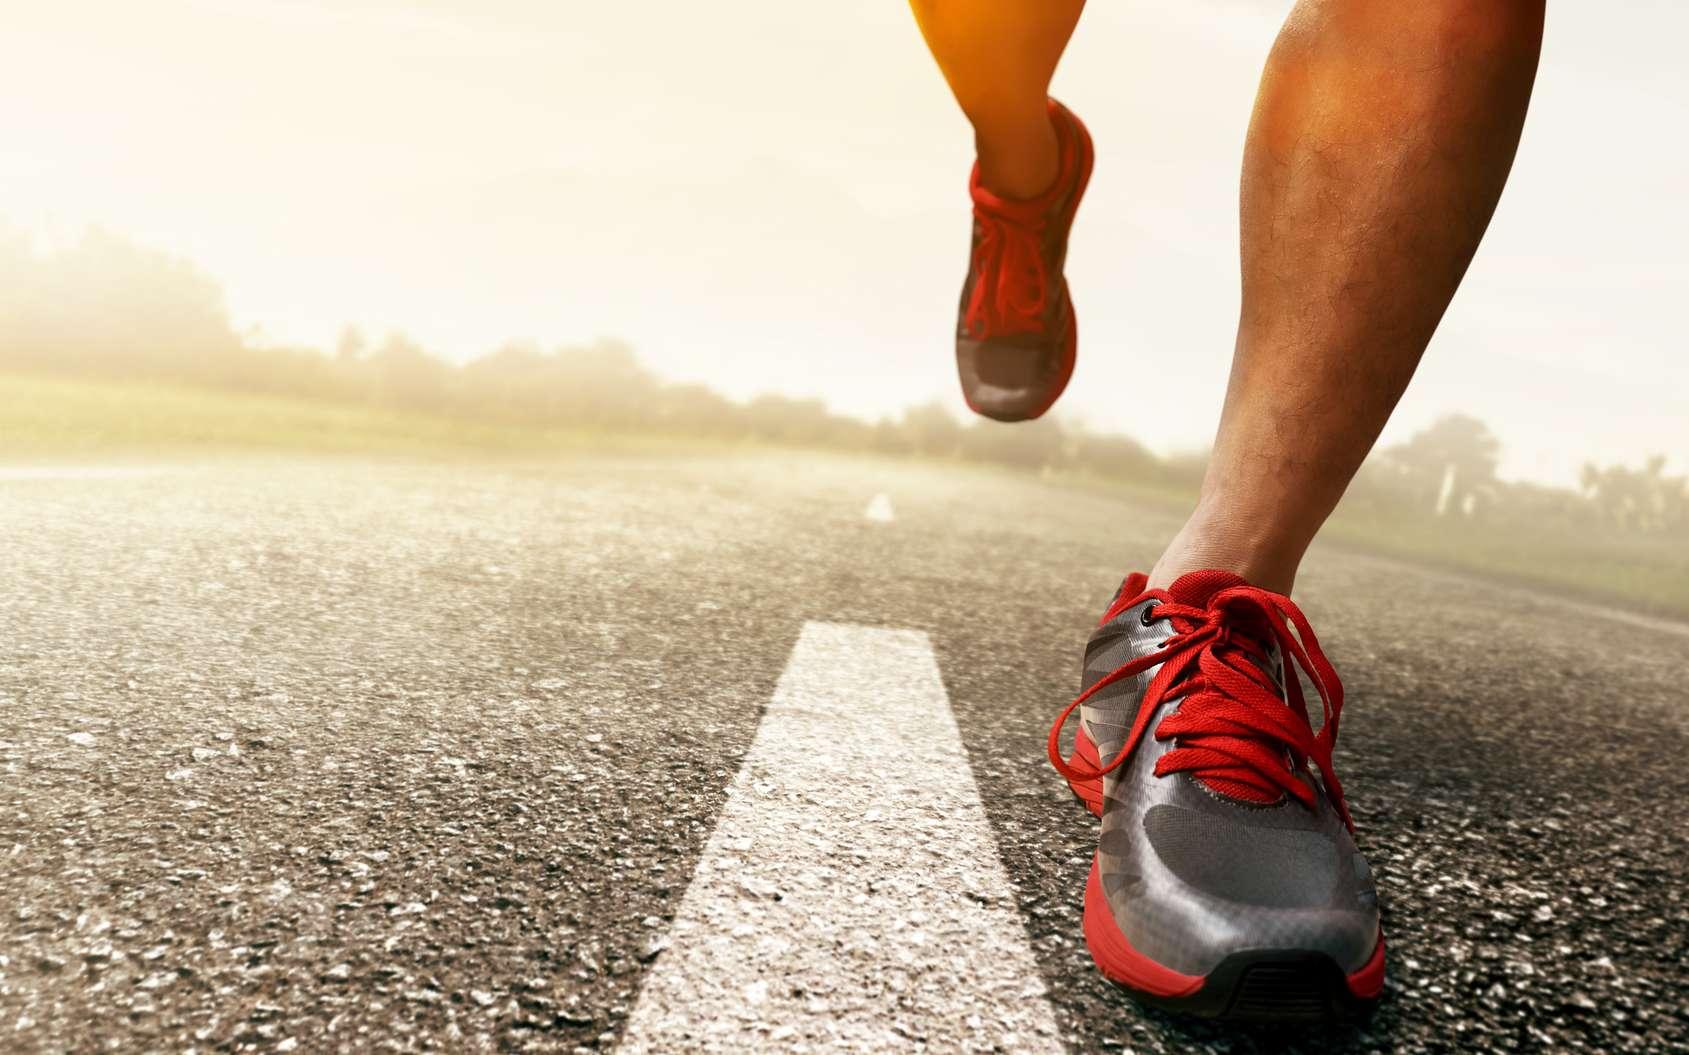 Sophrologie en groupe. Préparation mentale à la course à pied. 27 OCTOBRE à 12h.